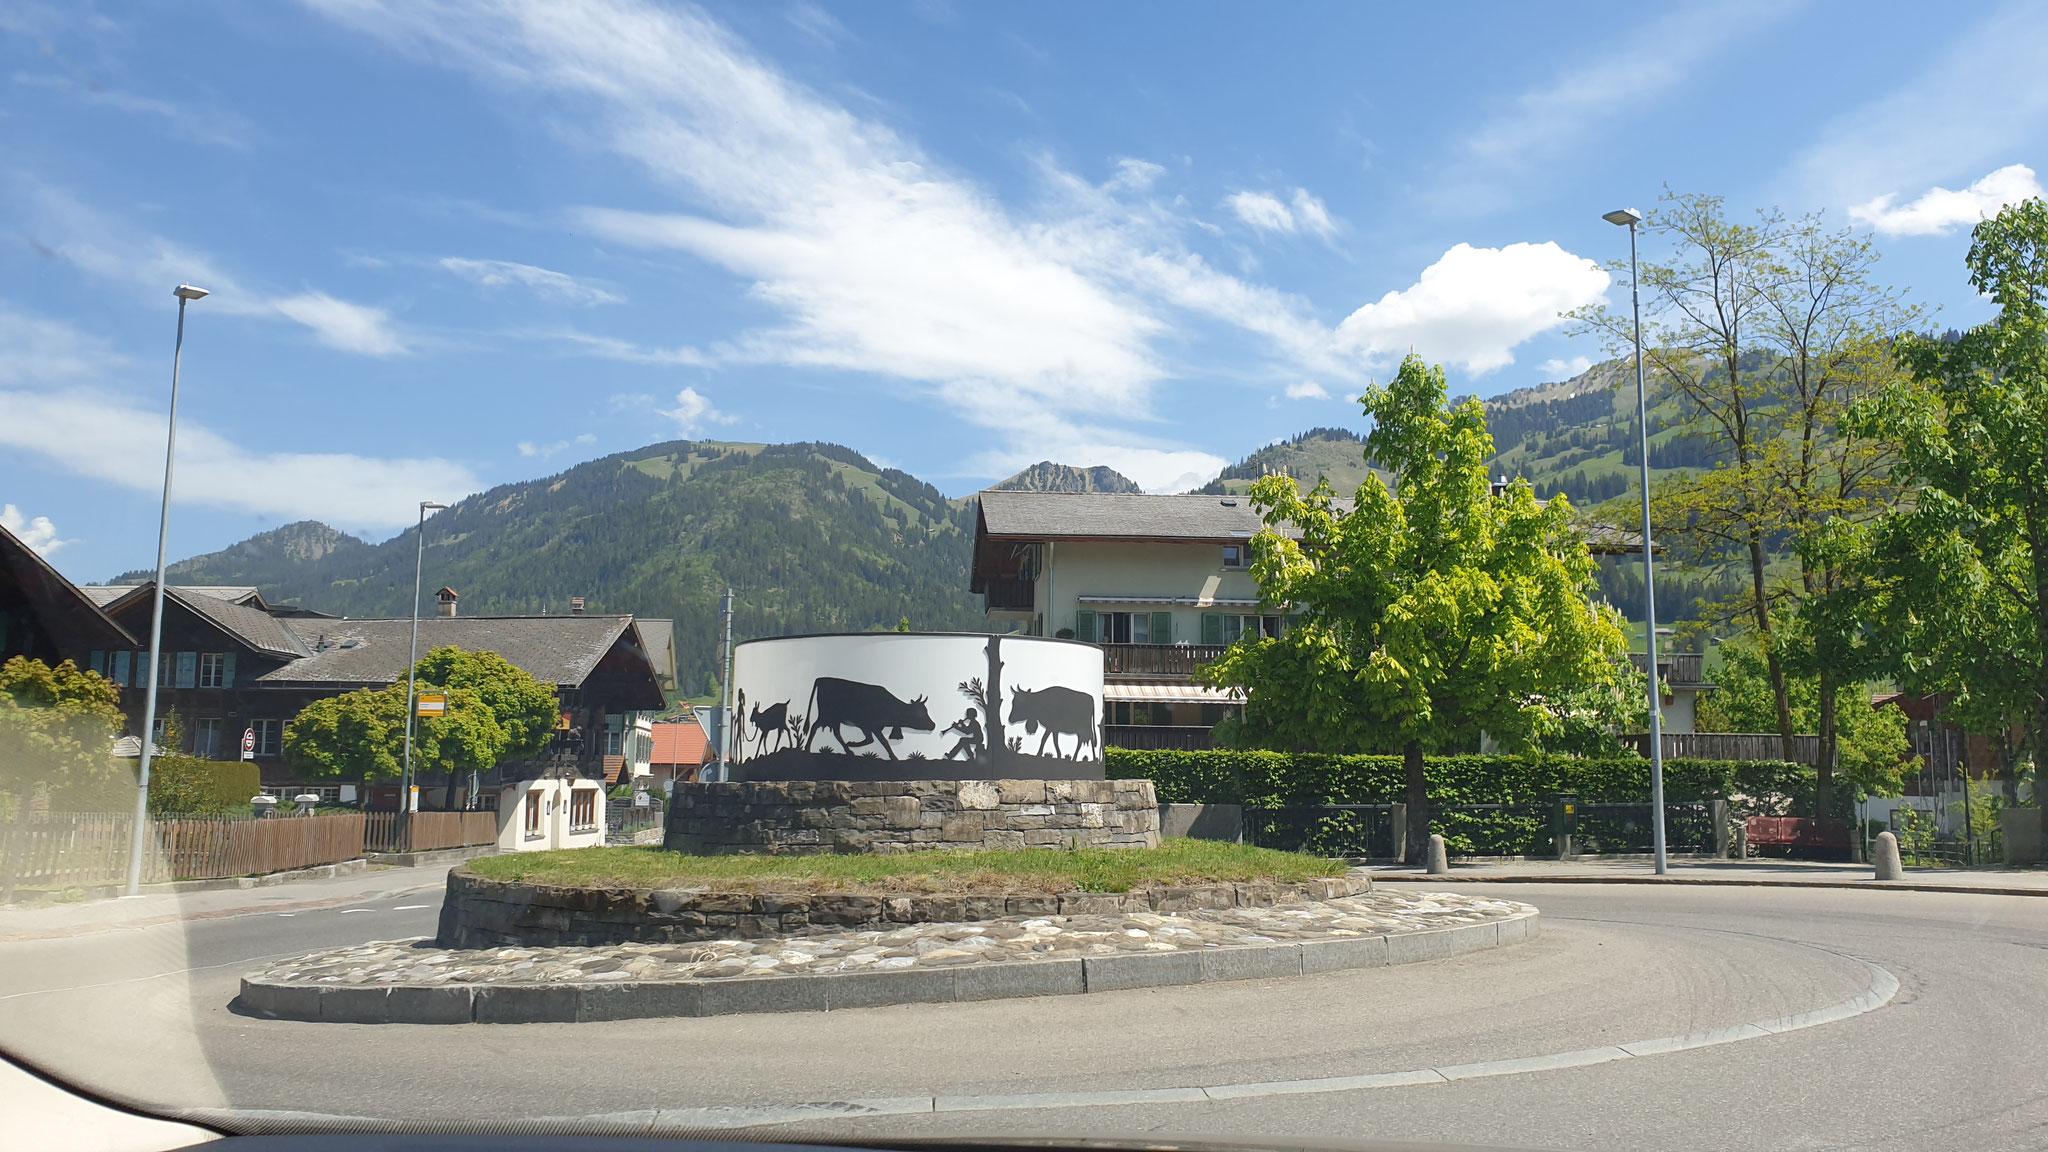 Typisch Schweiz - wir haben die schönsten Kreisel ;-)